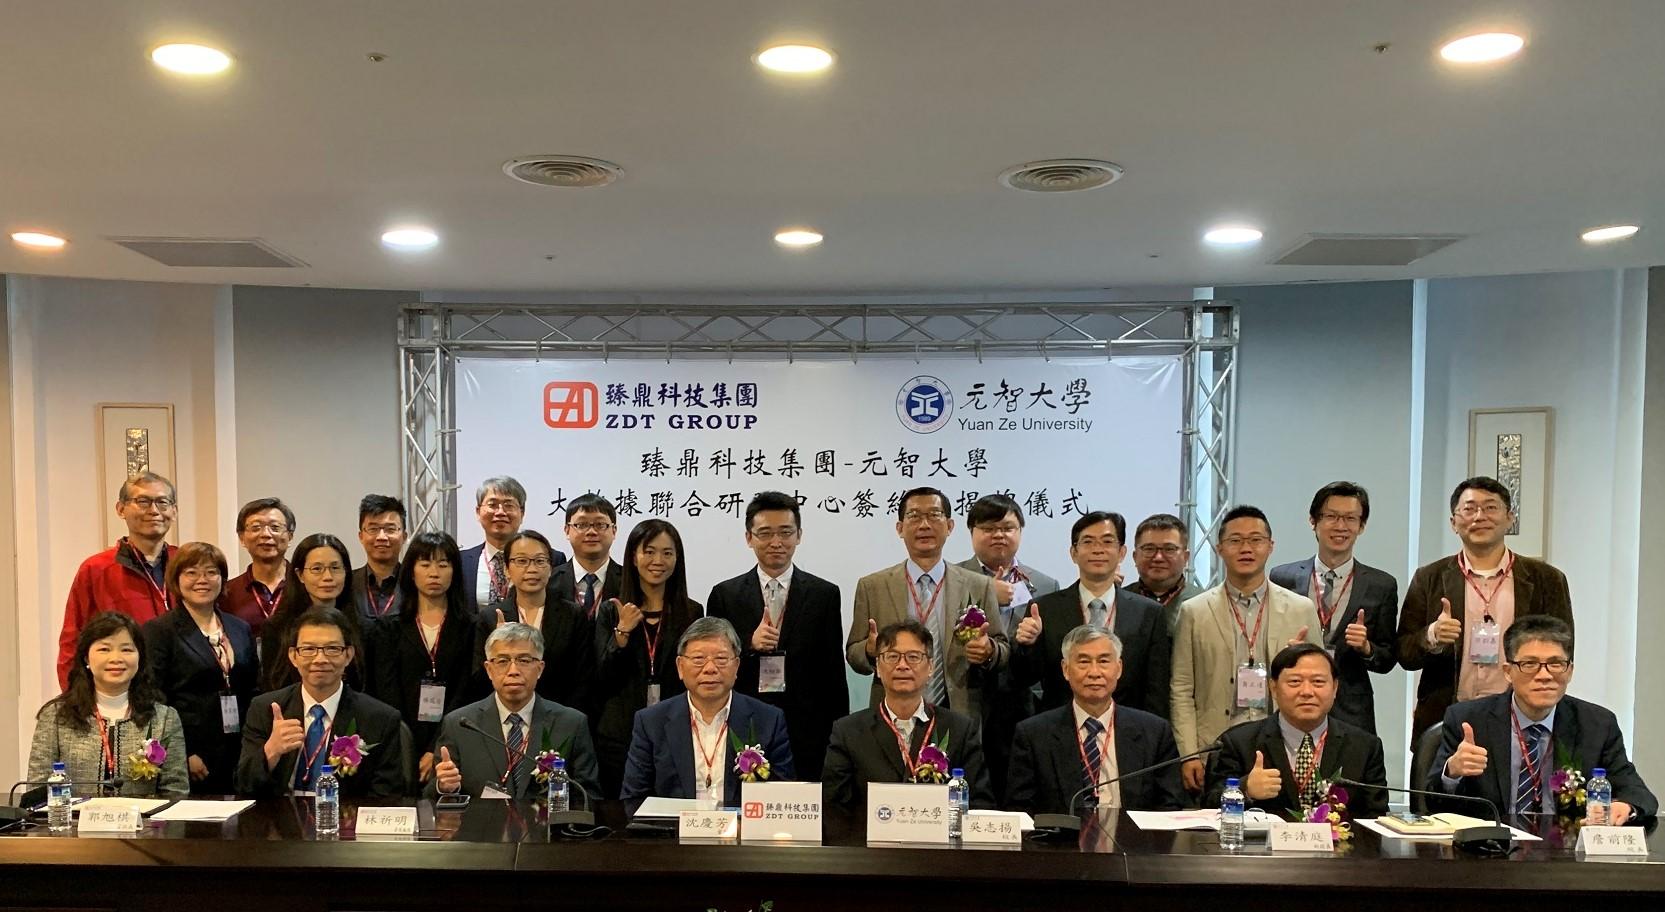 元智大學與臻鼎科技簽署設立大數據聯合研發中心-5G